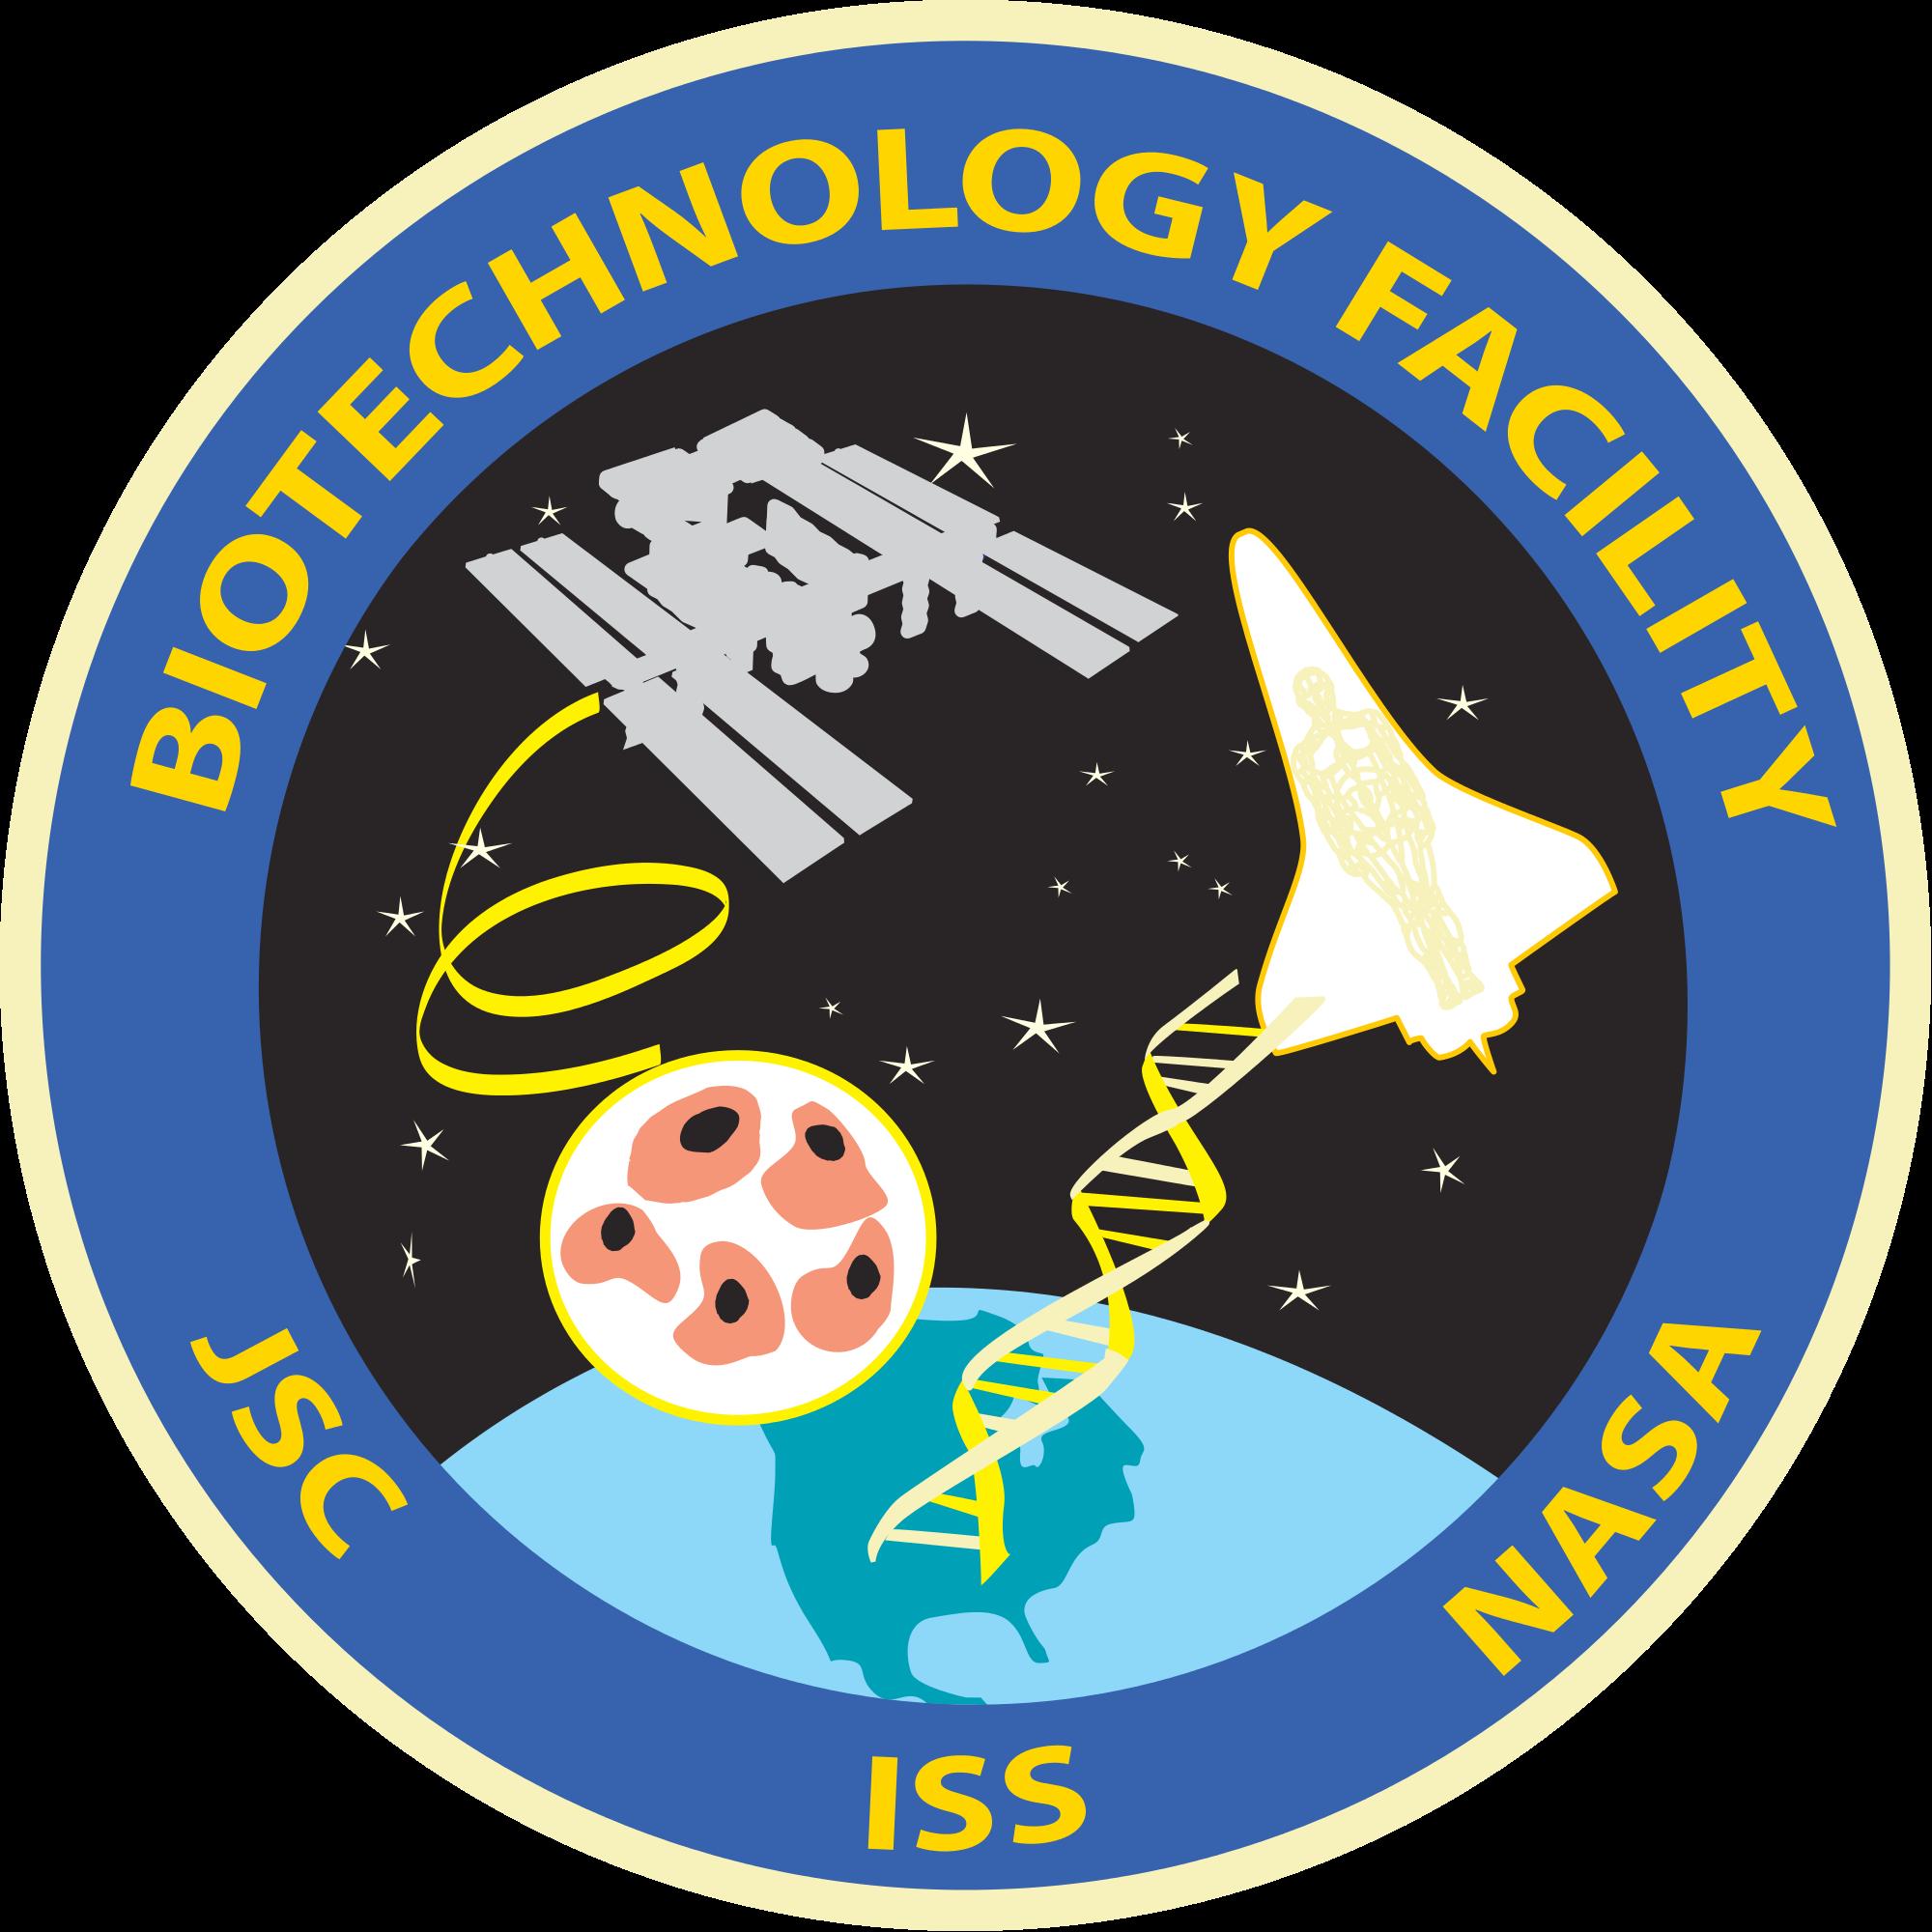 NASA svg, Download NASA svg for free 2019